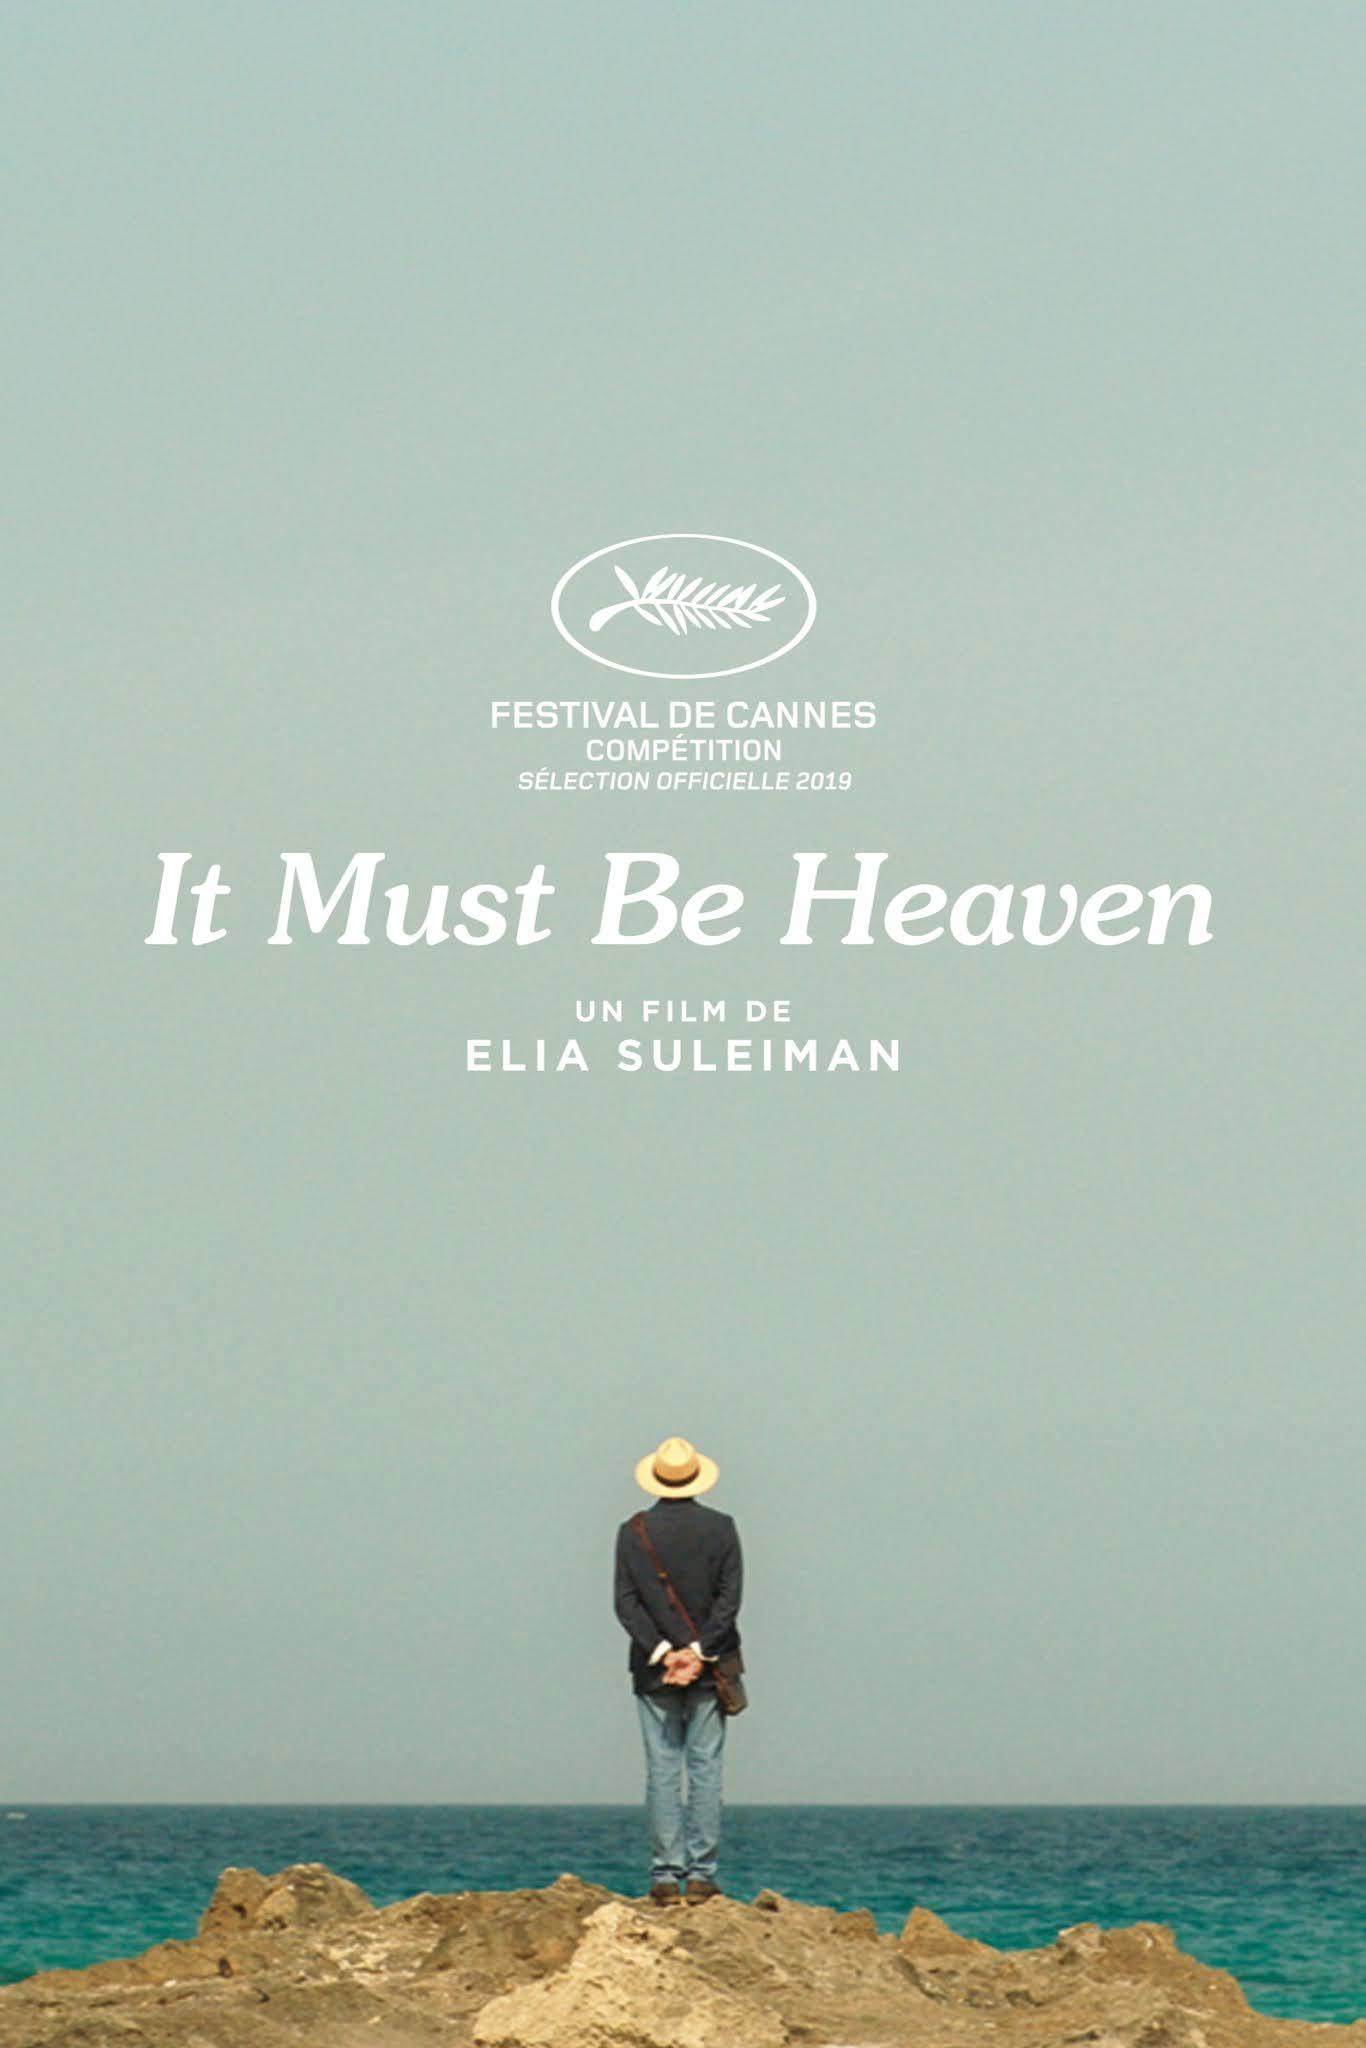 Resultado de imagen de It must be heaven de Elia Suleiman frases